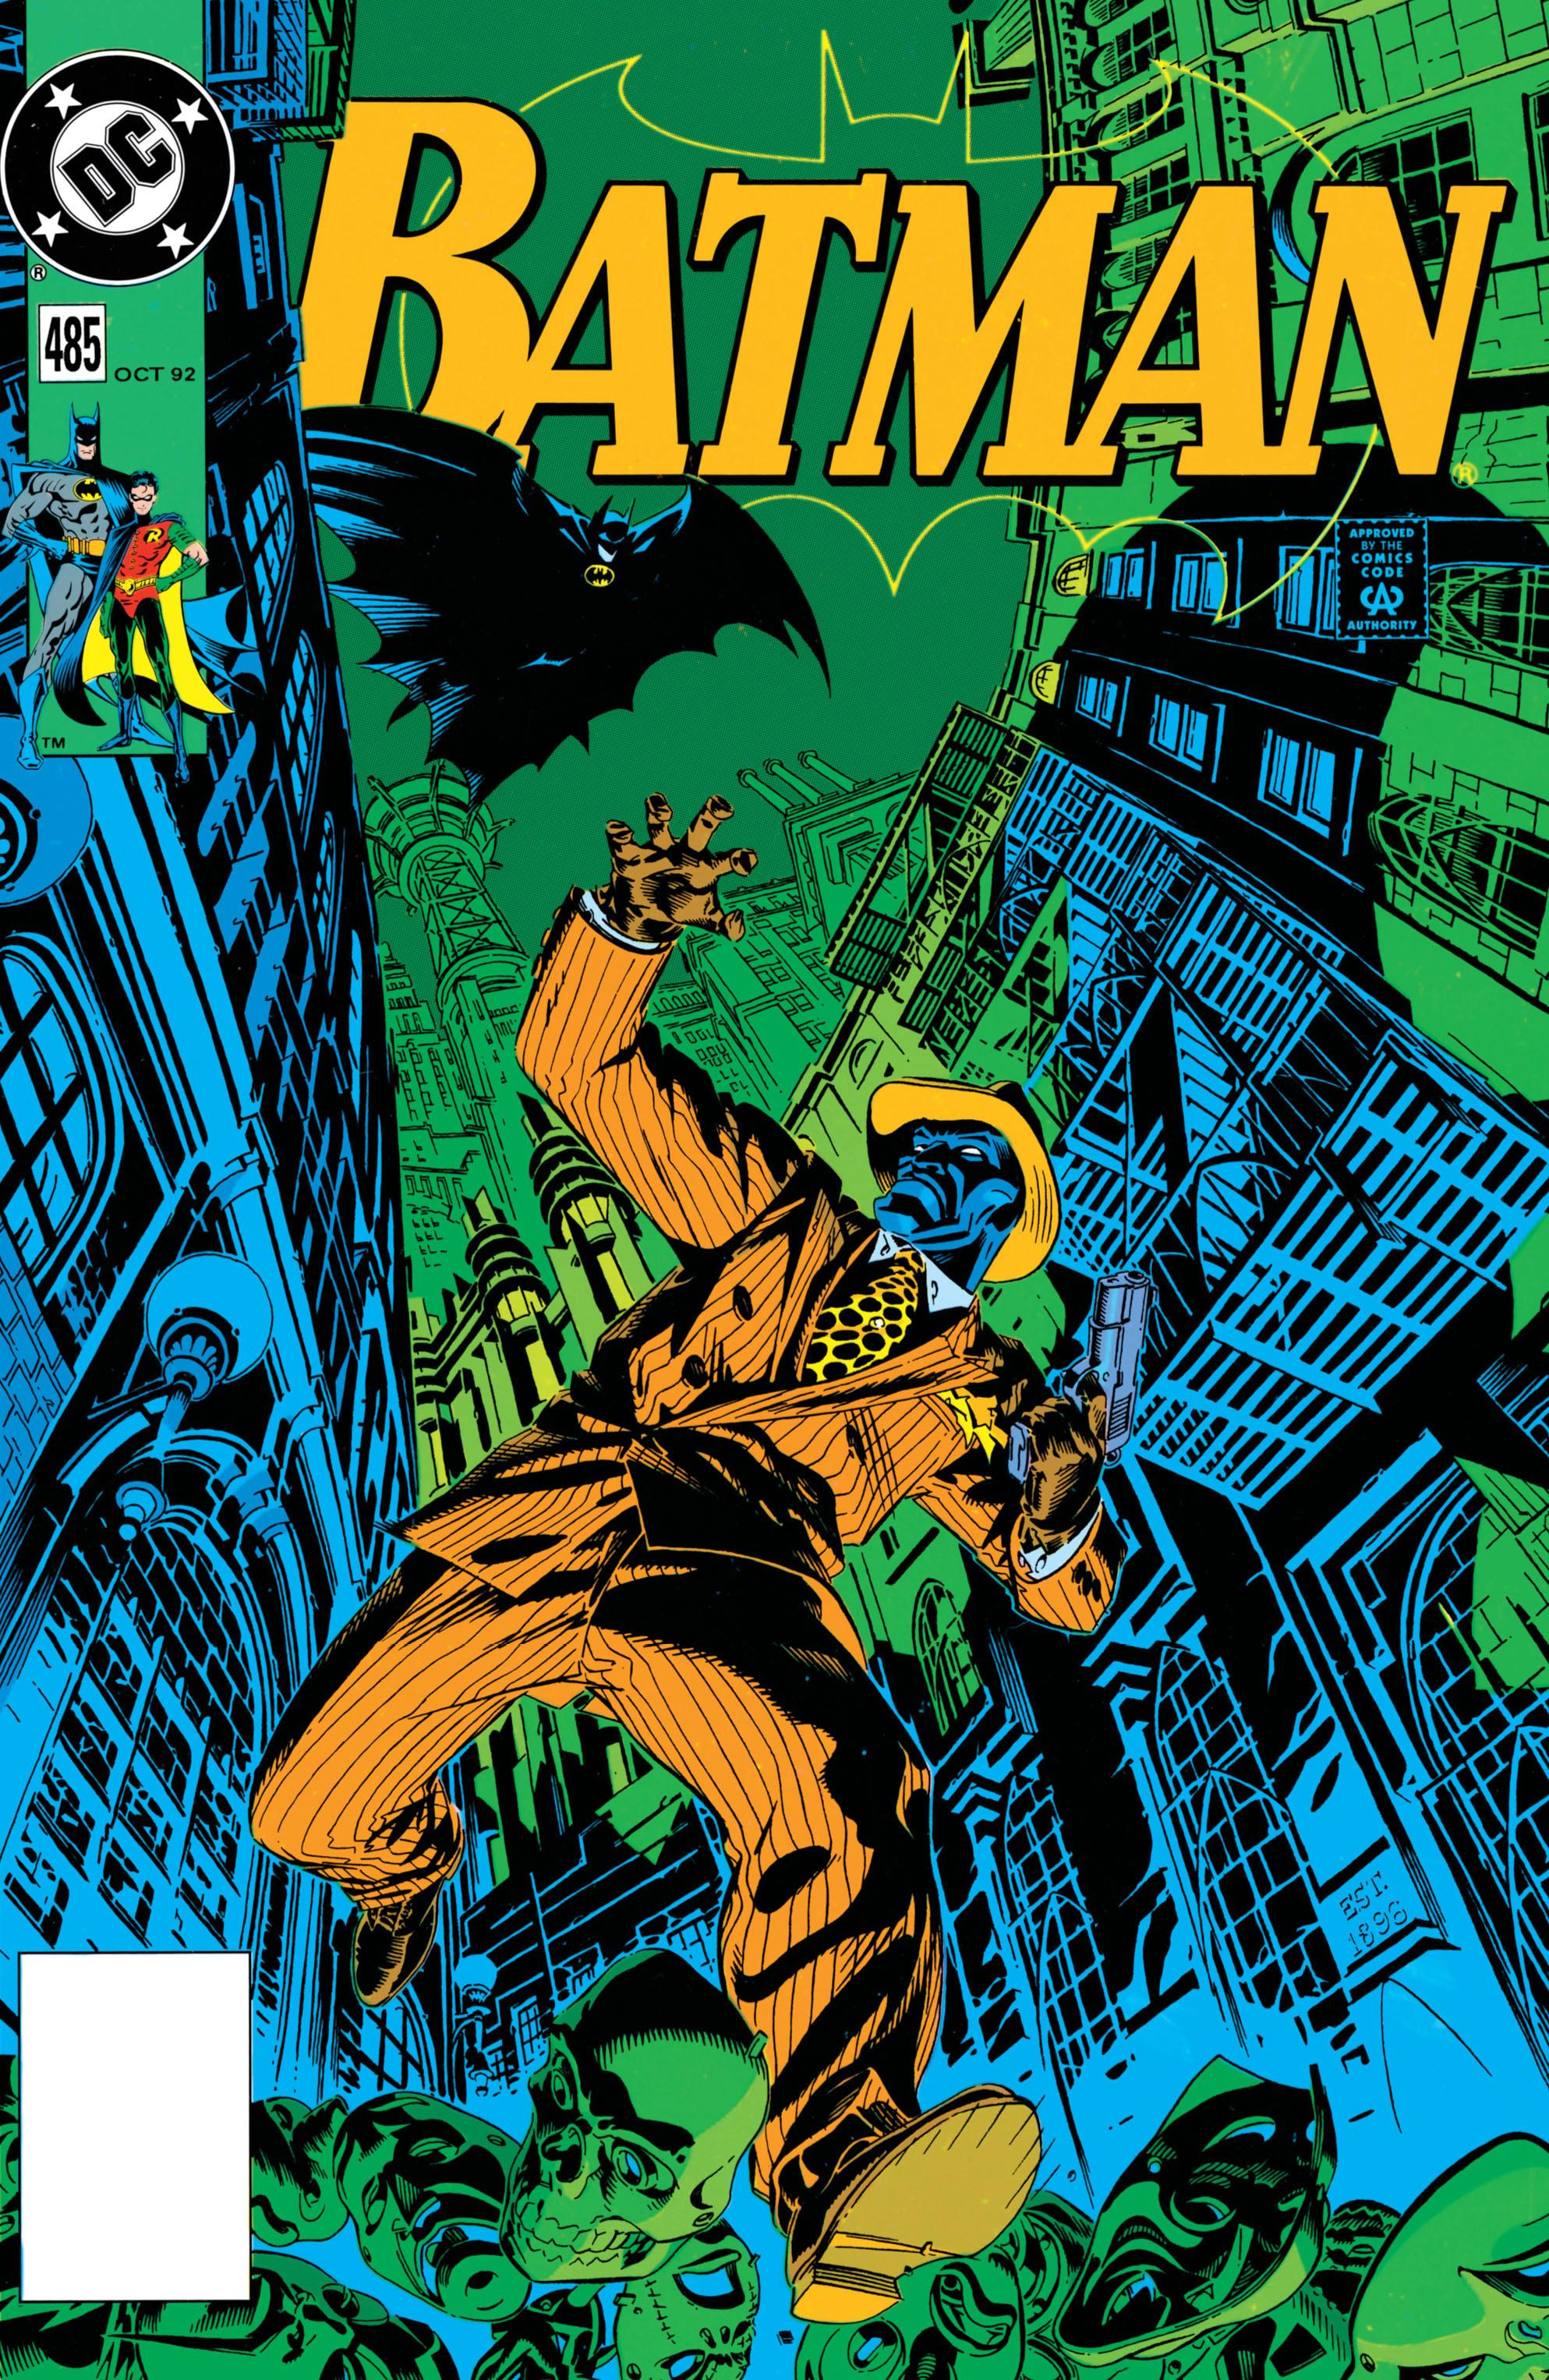 Batman (1940) 485 Page 1